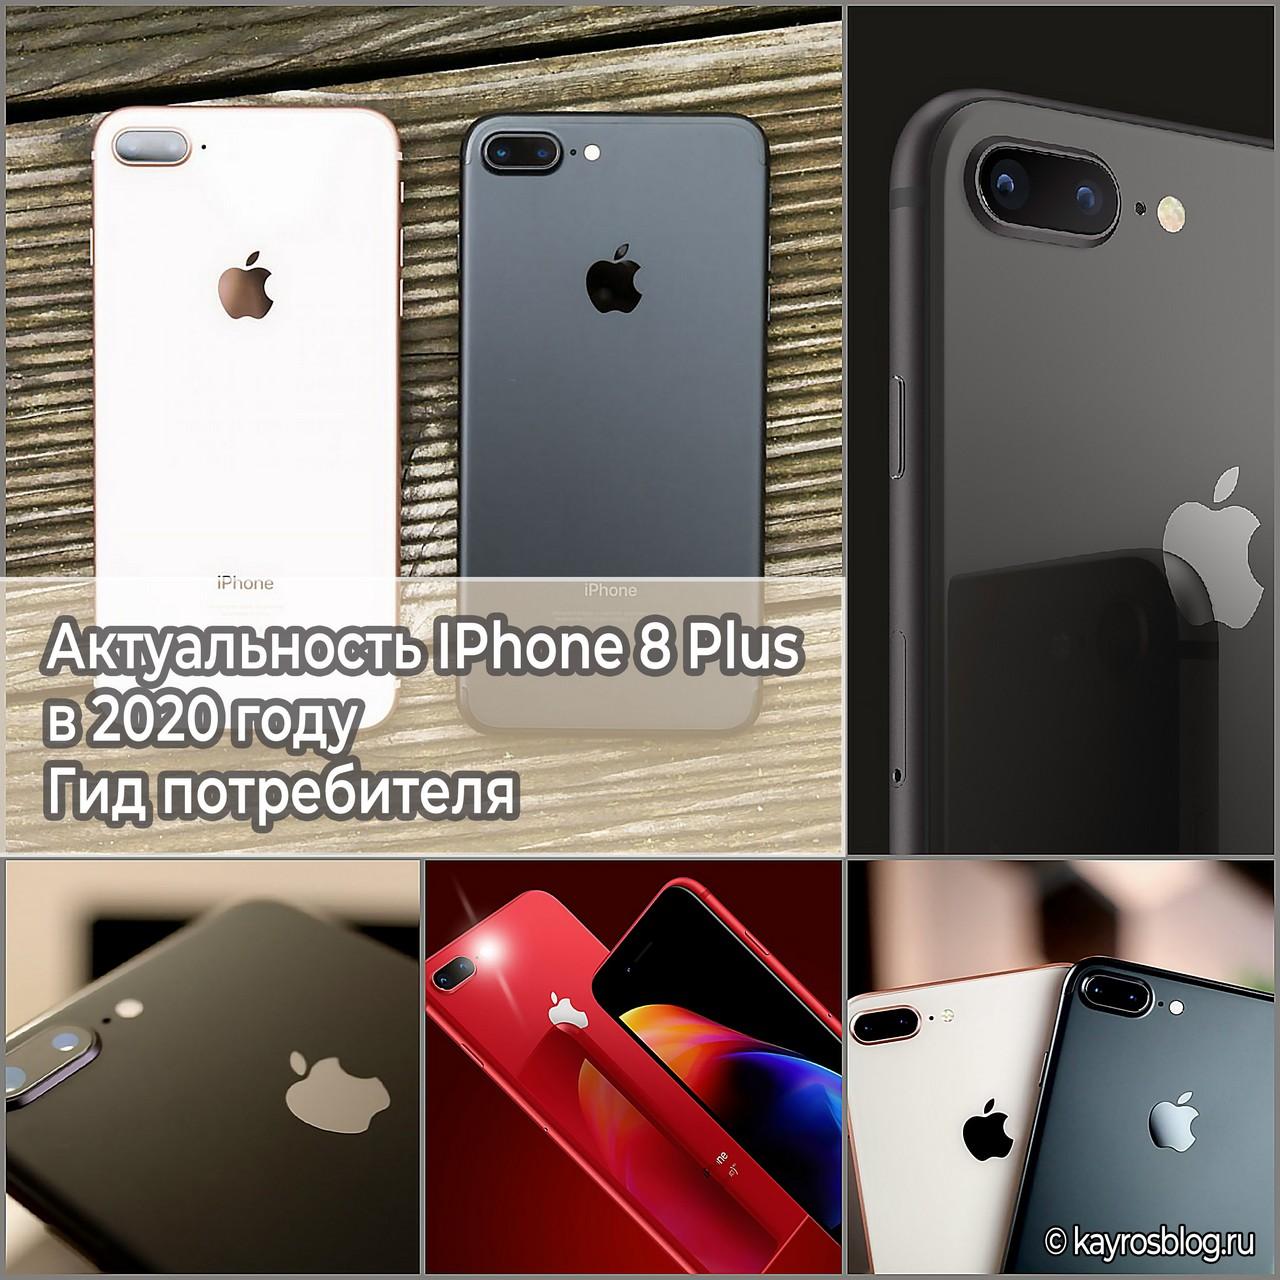 Актуальность IPhone 8 Plus в 2020 году - Гид потребителя